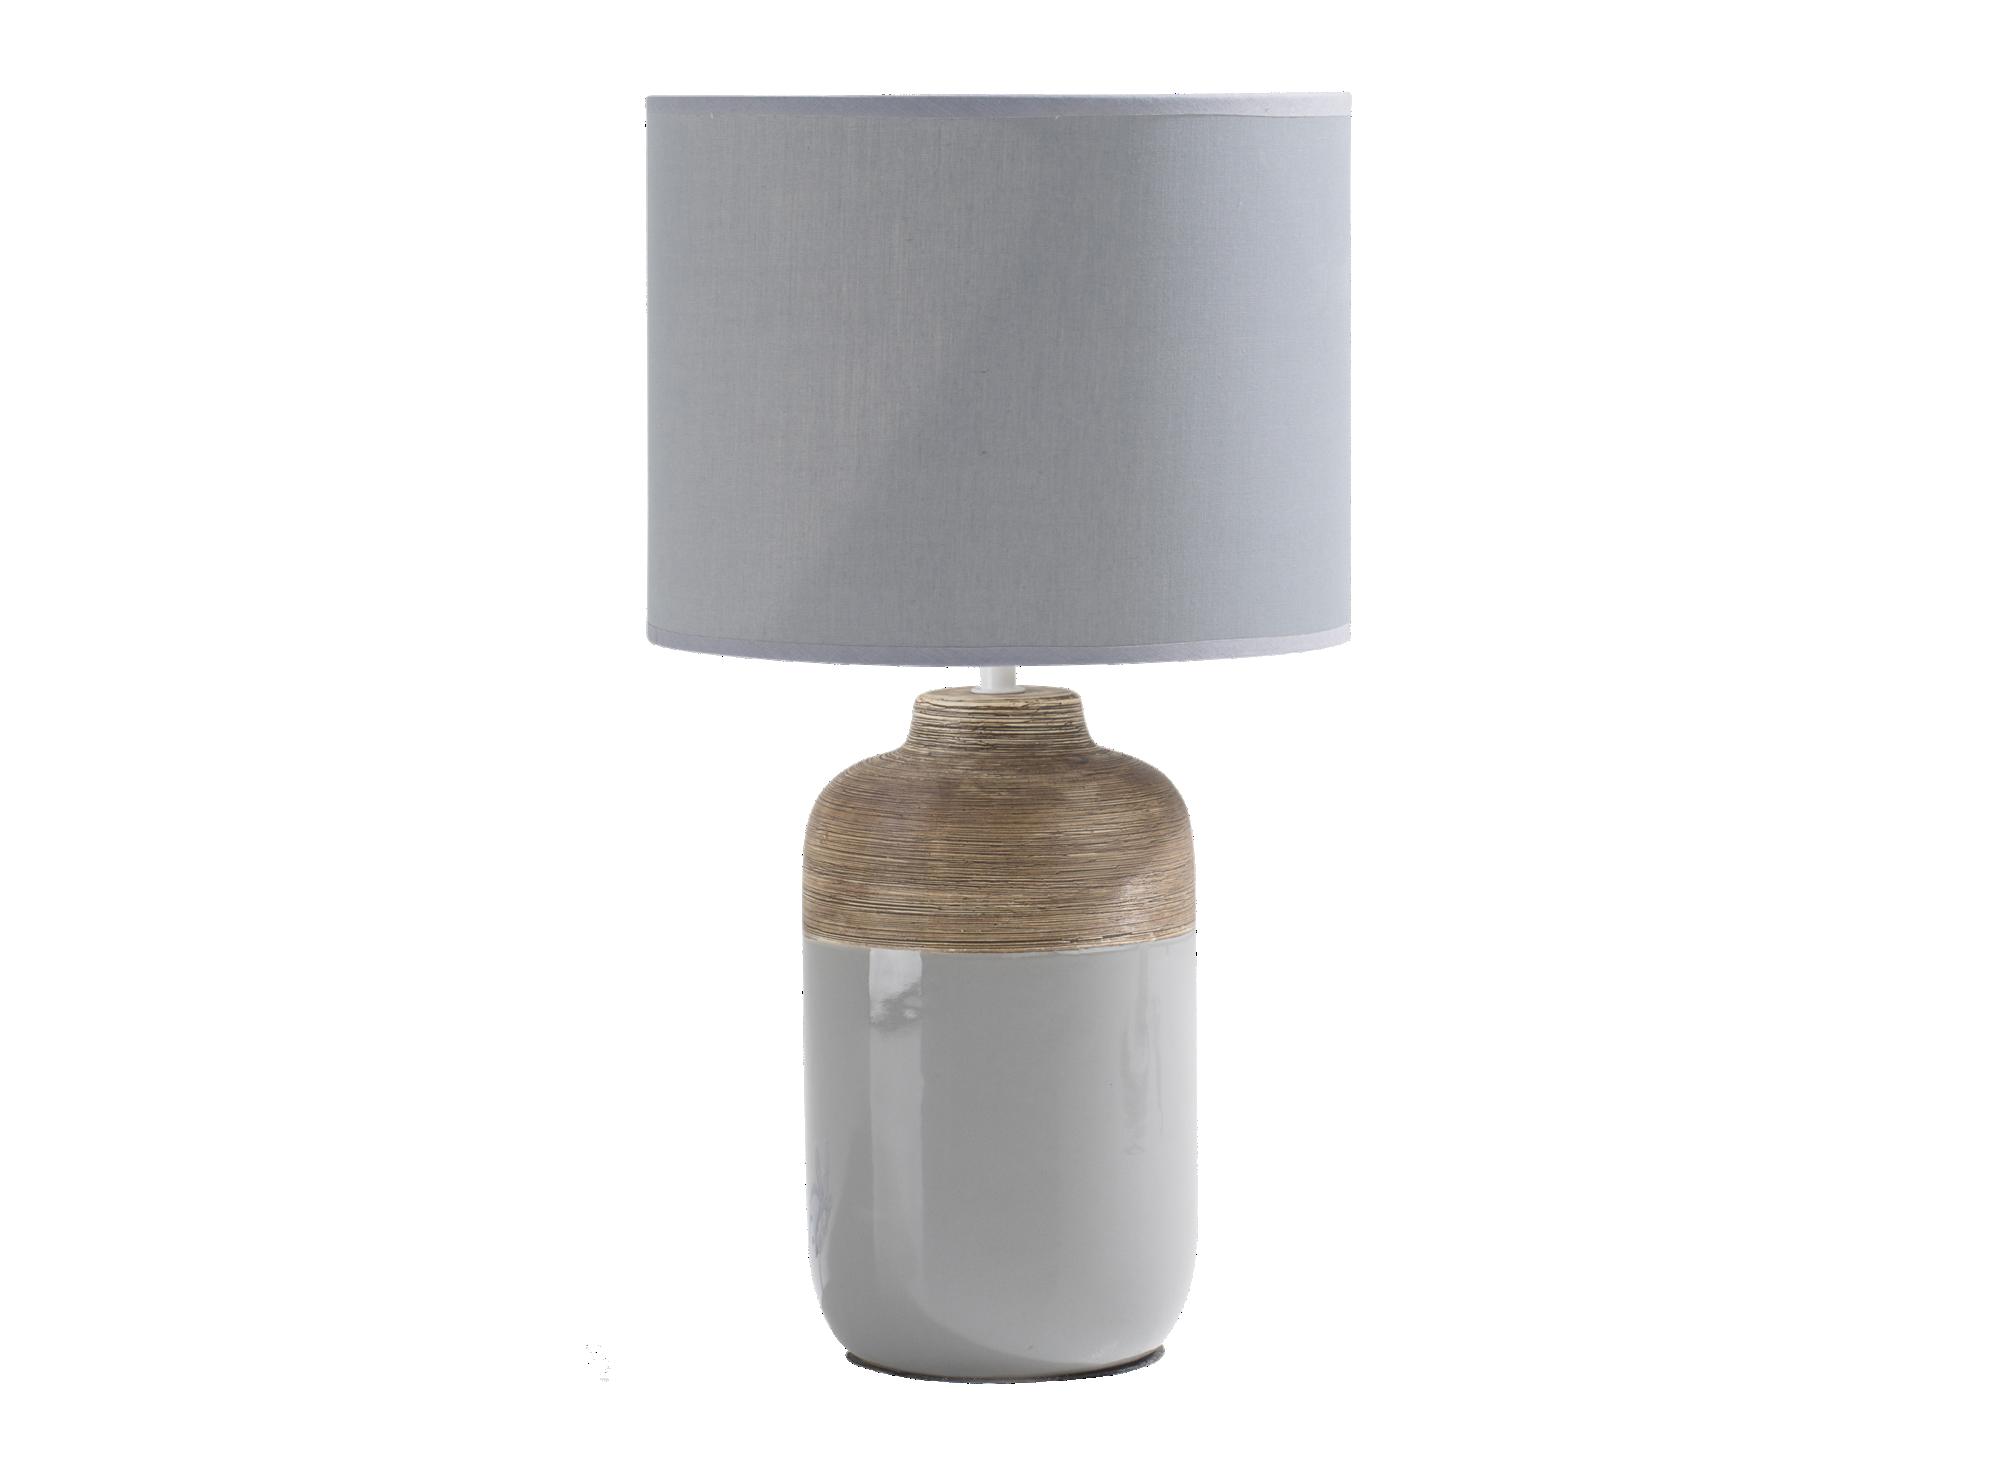 Lampe h47cm - abat jour dimensions 26x26x20cm, 100 % coton coloris gr ...